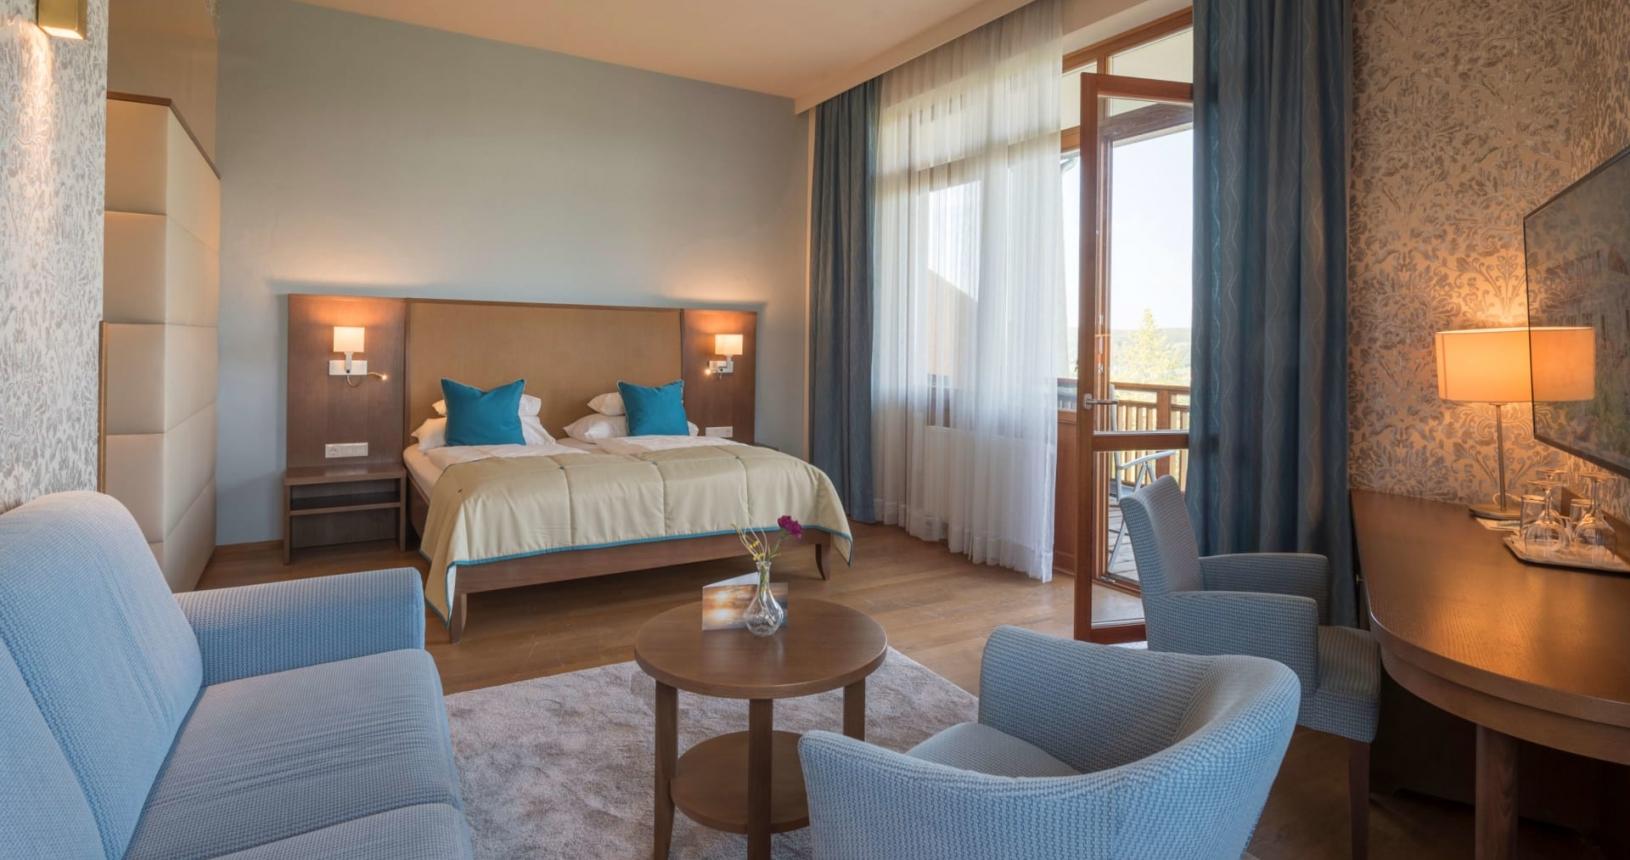 Familien Suite Luft im Hotel Larimar